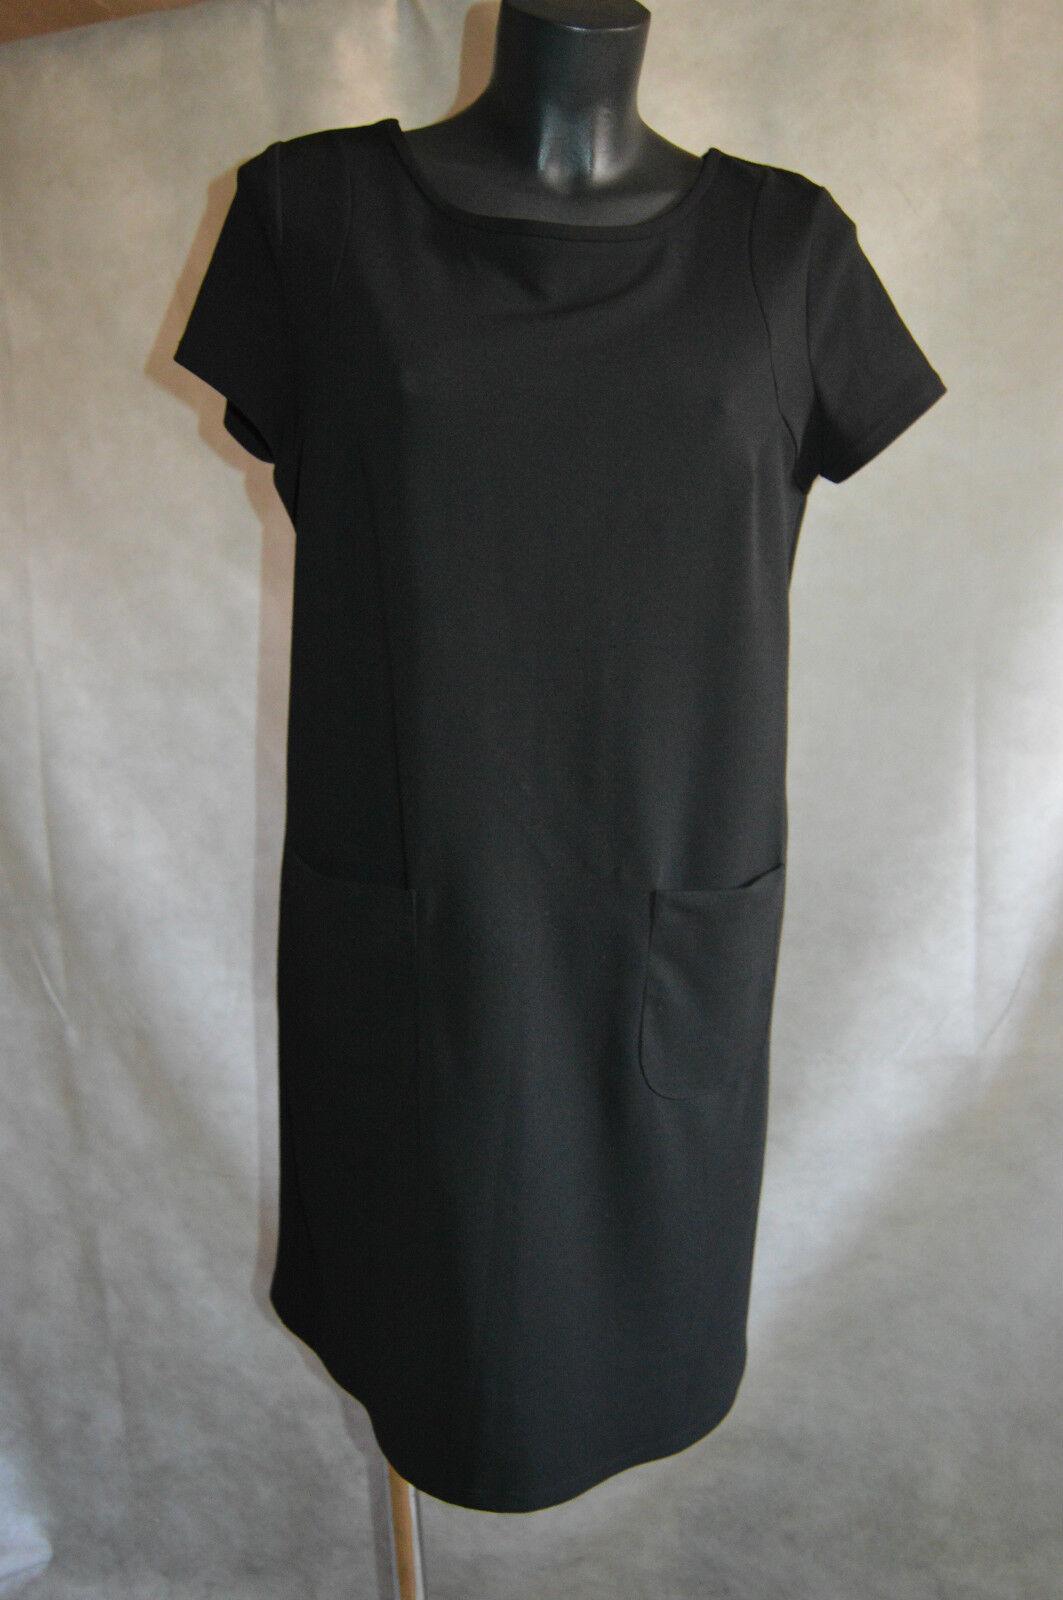 Kleid FEMME JE VOUS AIME Paris Größe 42/XL /Kleid / Abito / Seht Guter Zustand